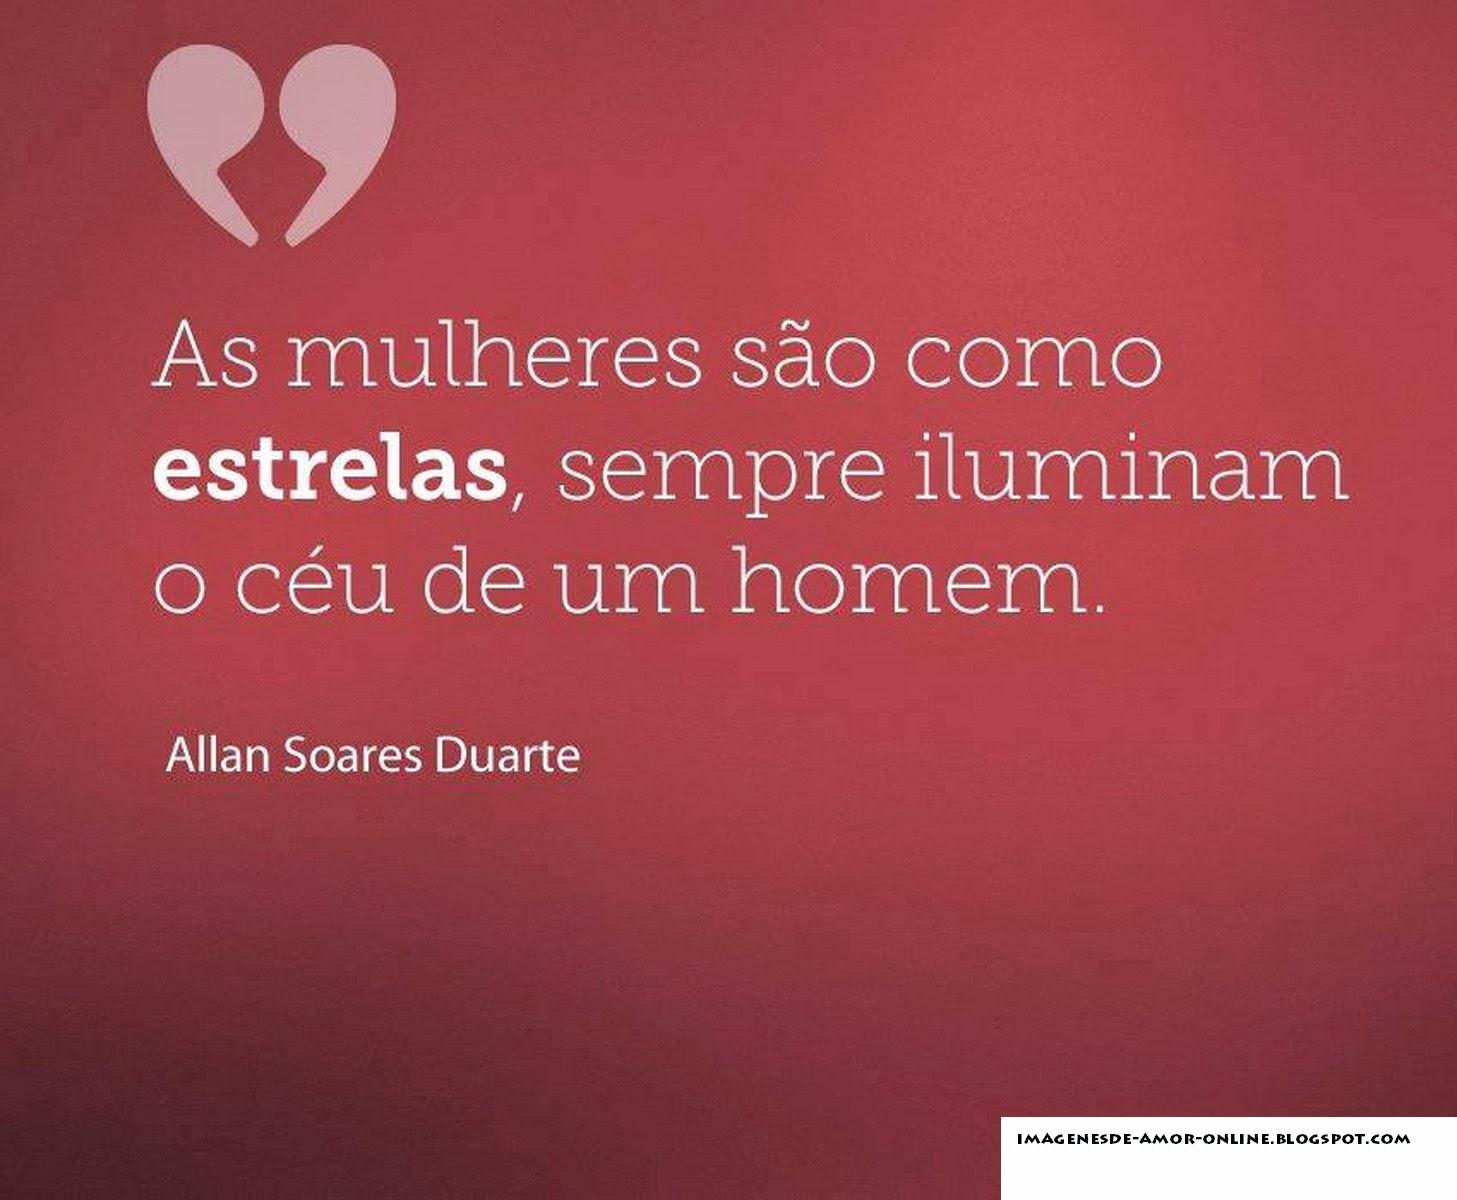 Frases De Motivacao Em Portugues: Frases Para Facebook Em Portugues 76255